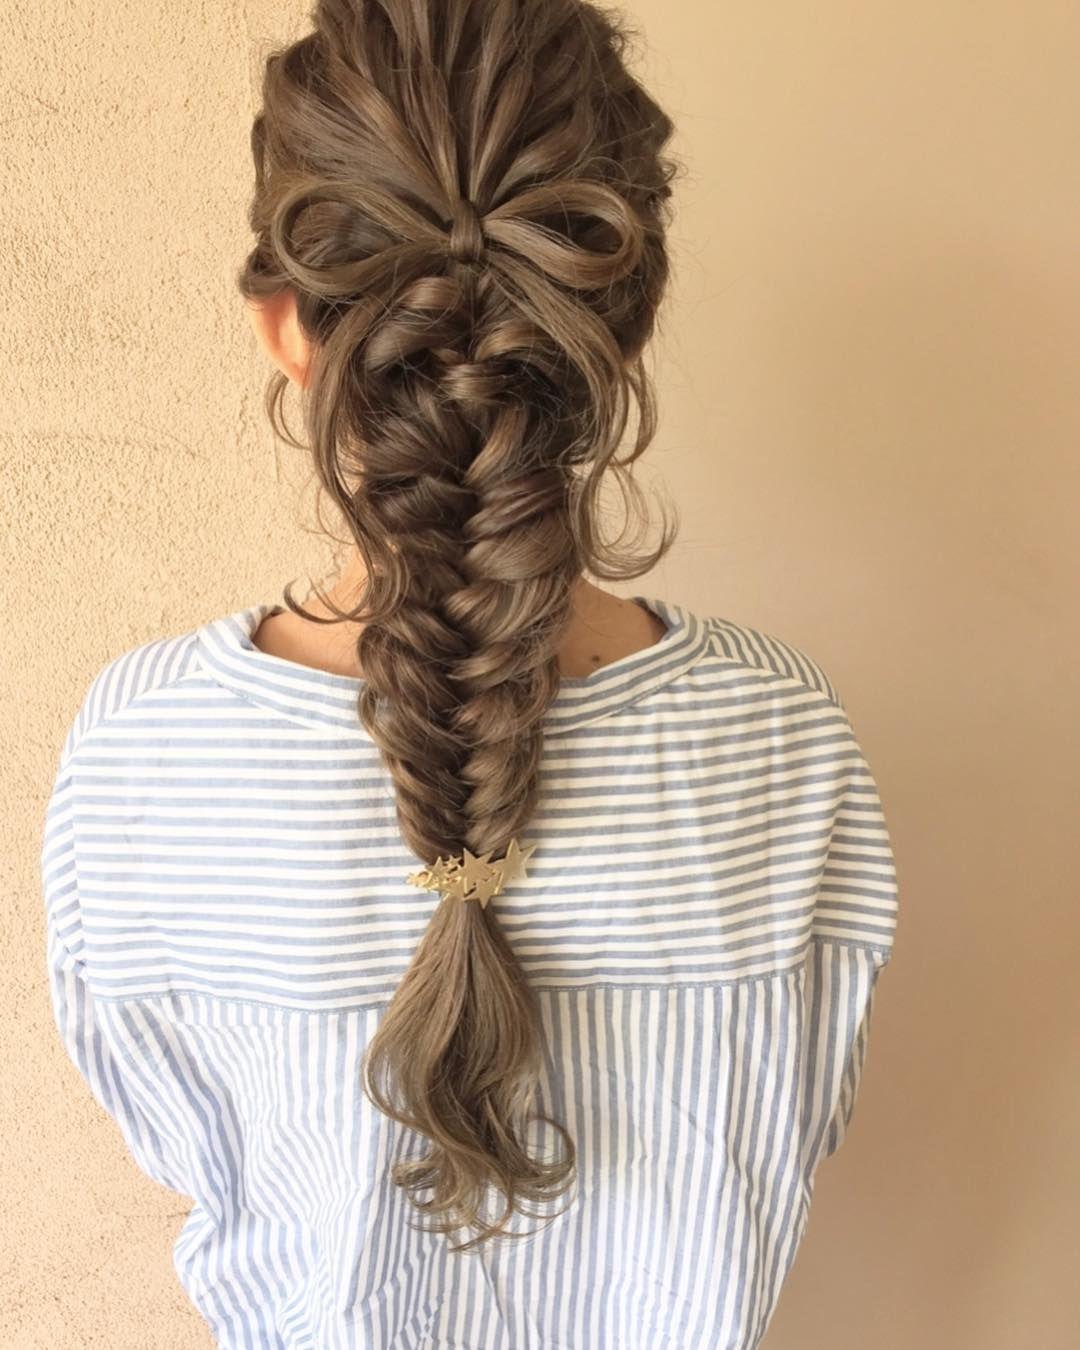 フィッシュボーンの可愛い髪型まとめ 結婚式 お呼ばれヘアアレンジ